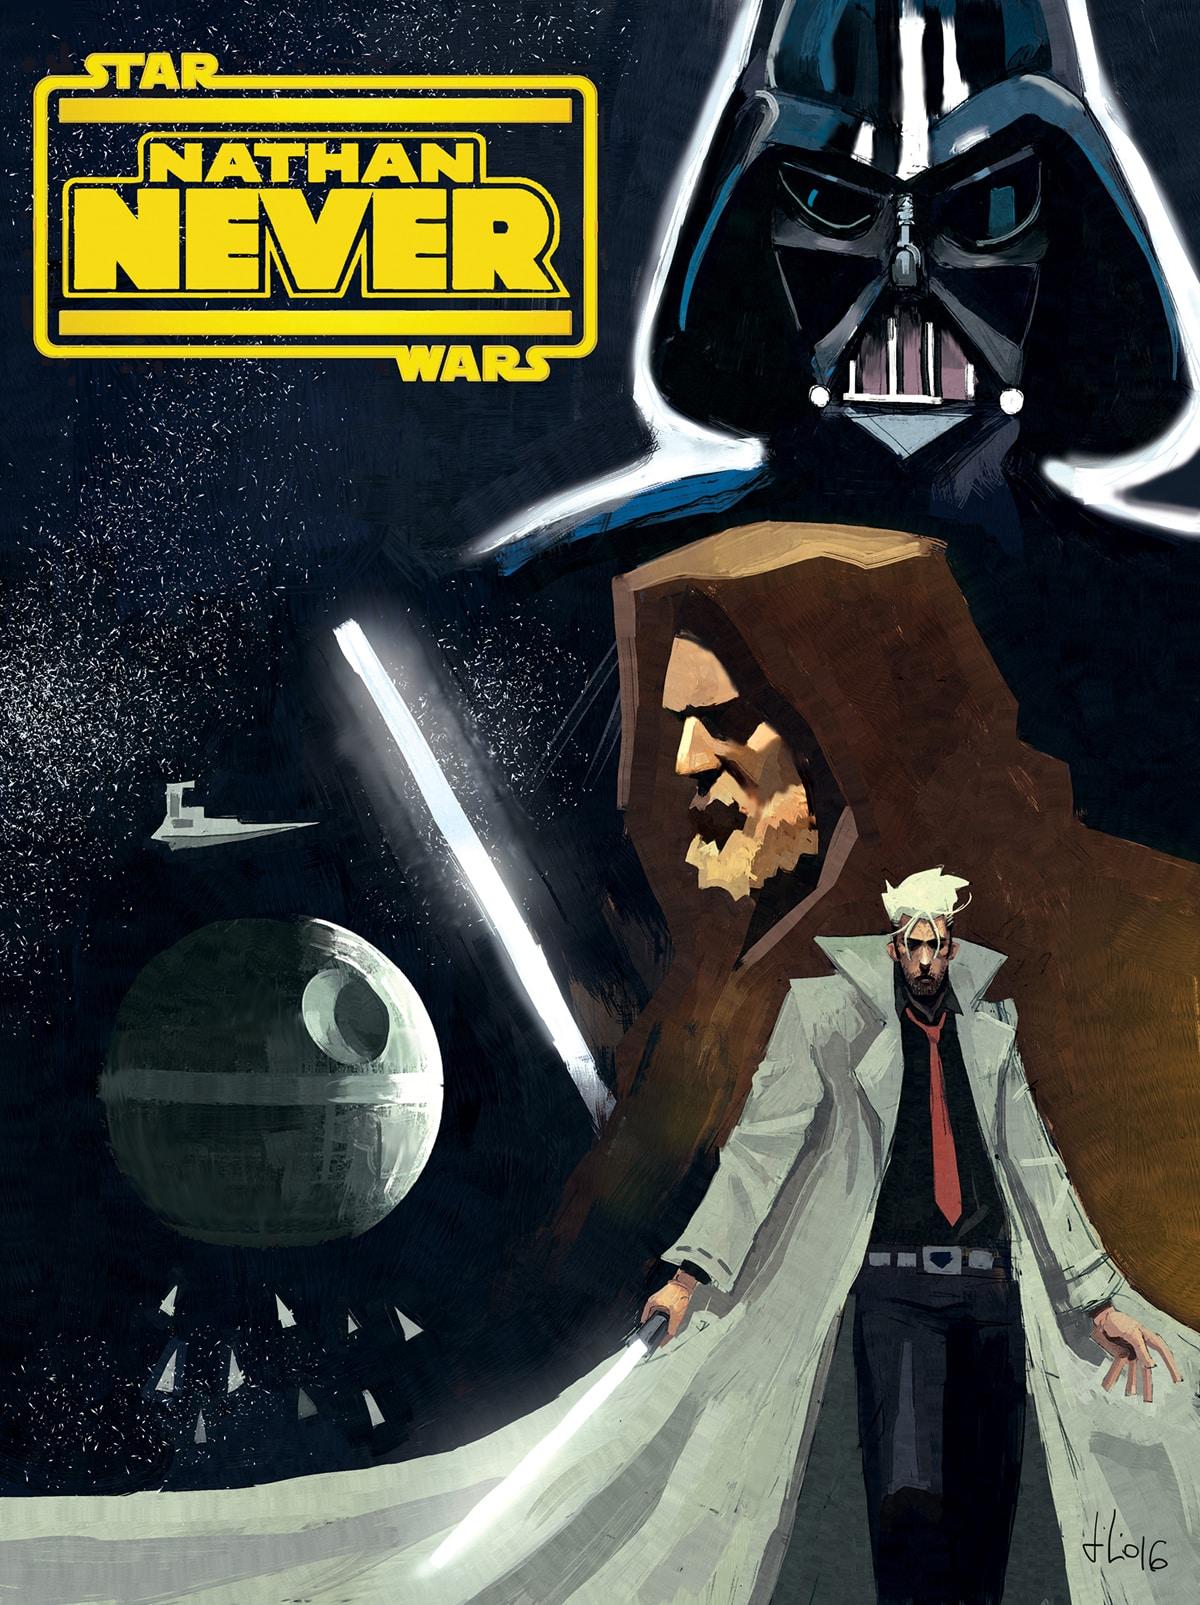 Star-Wars_Rincione_Omaggi